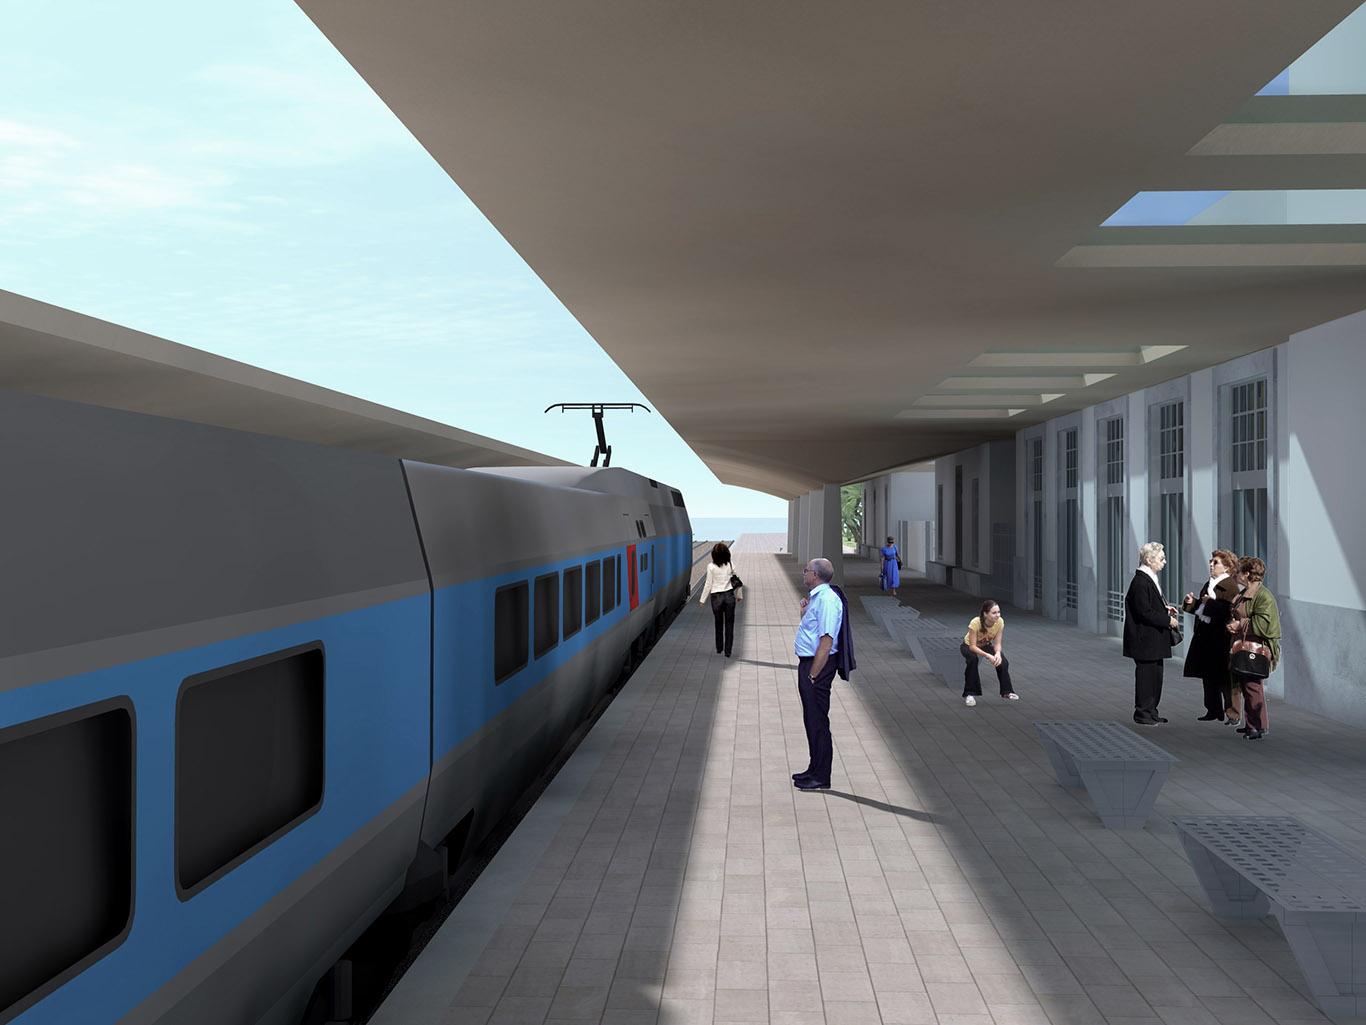 Stazione ferroviaria sidi bel abbess-5